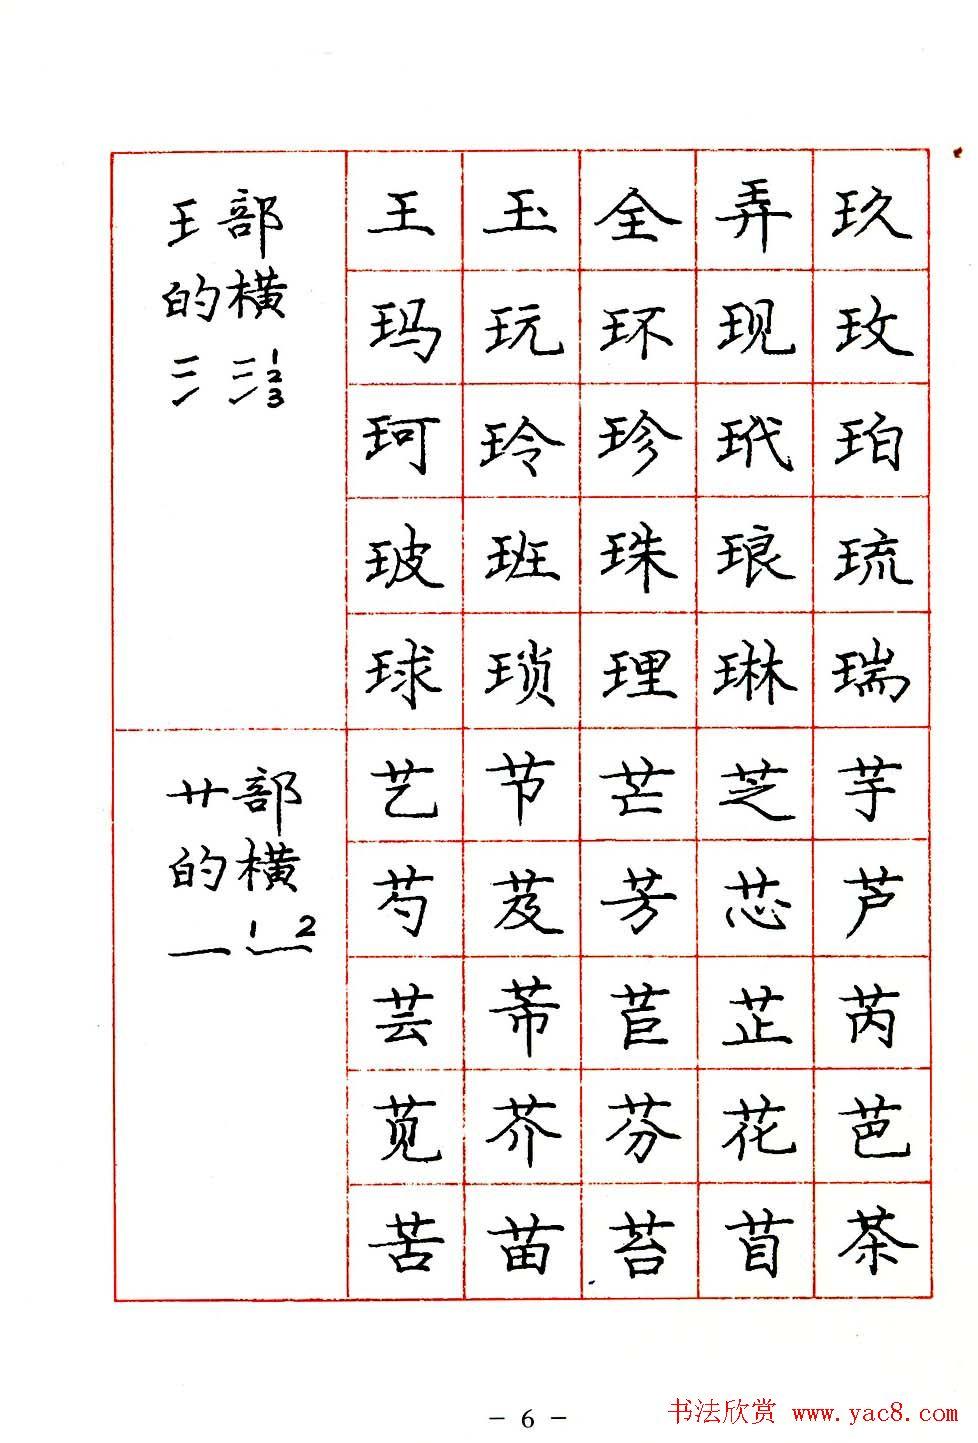 庞中华楷书规范字帖下载.pdf(6)